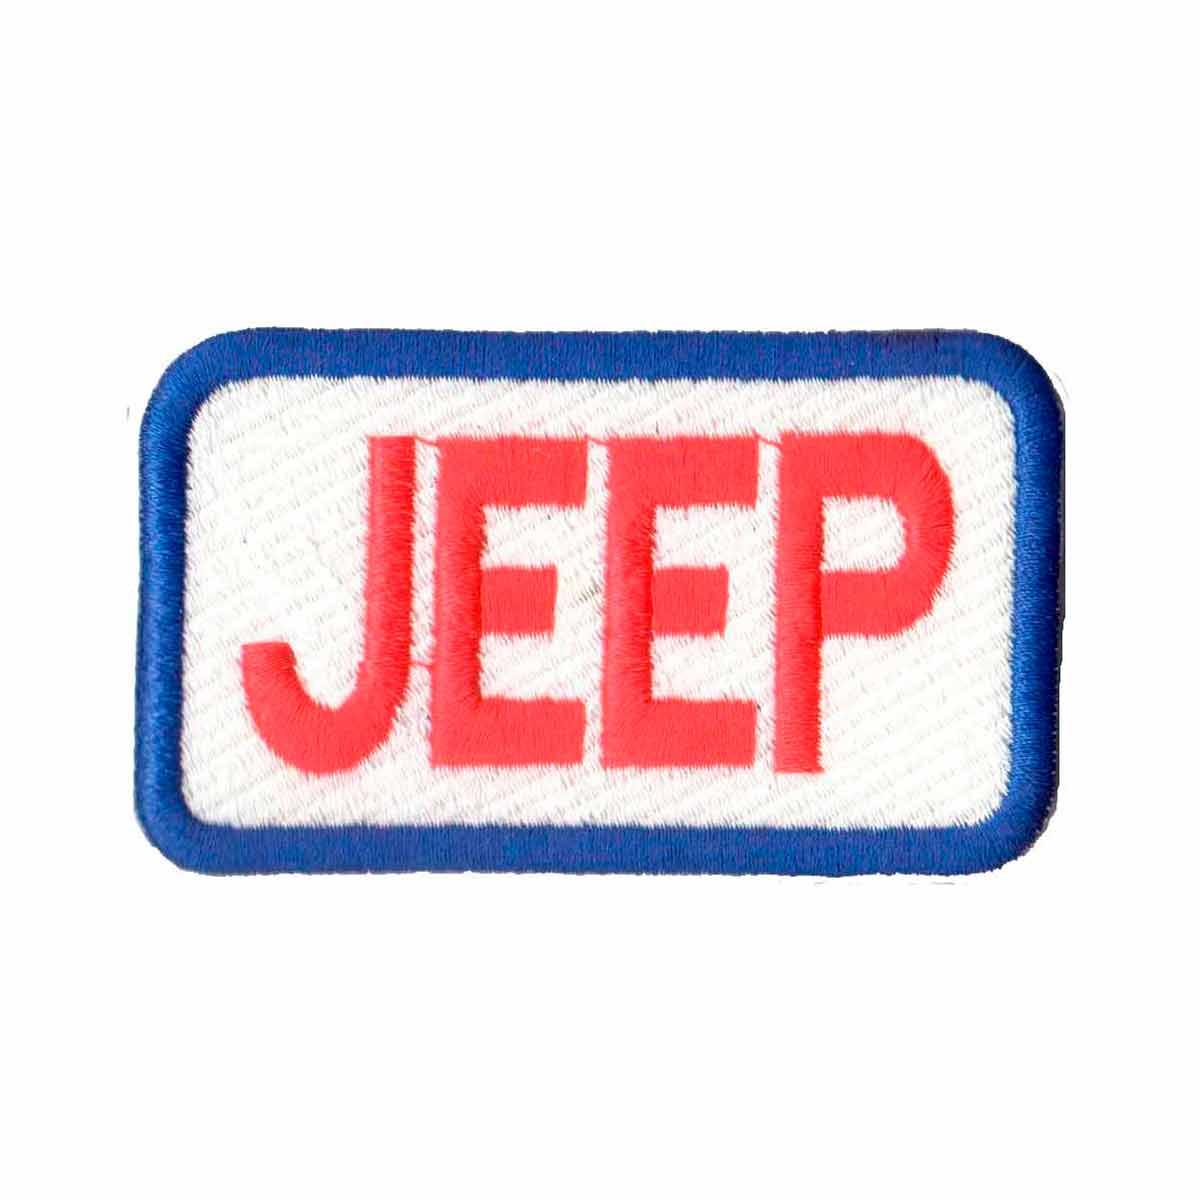 Patch Bordado - Logo Jeep Escrito Retangular Azul AD30053-61  - Talysmã Bordados